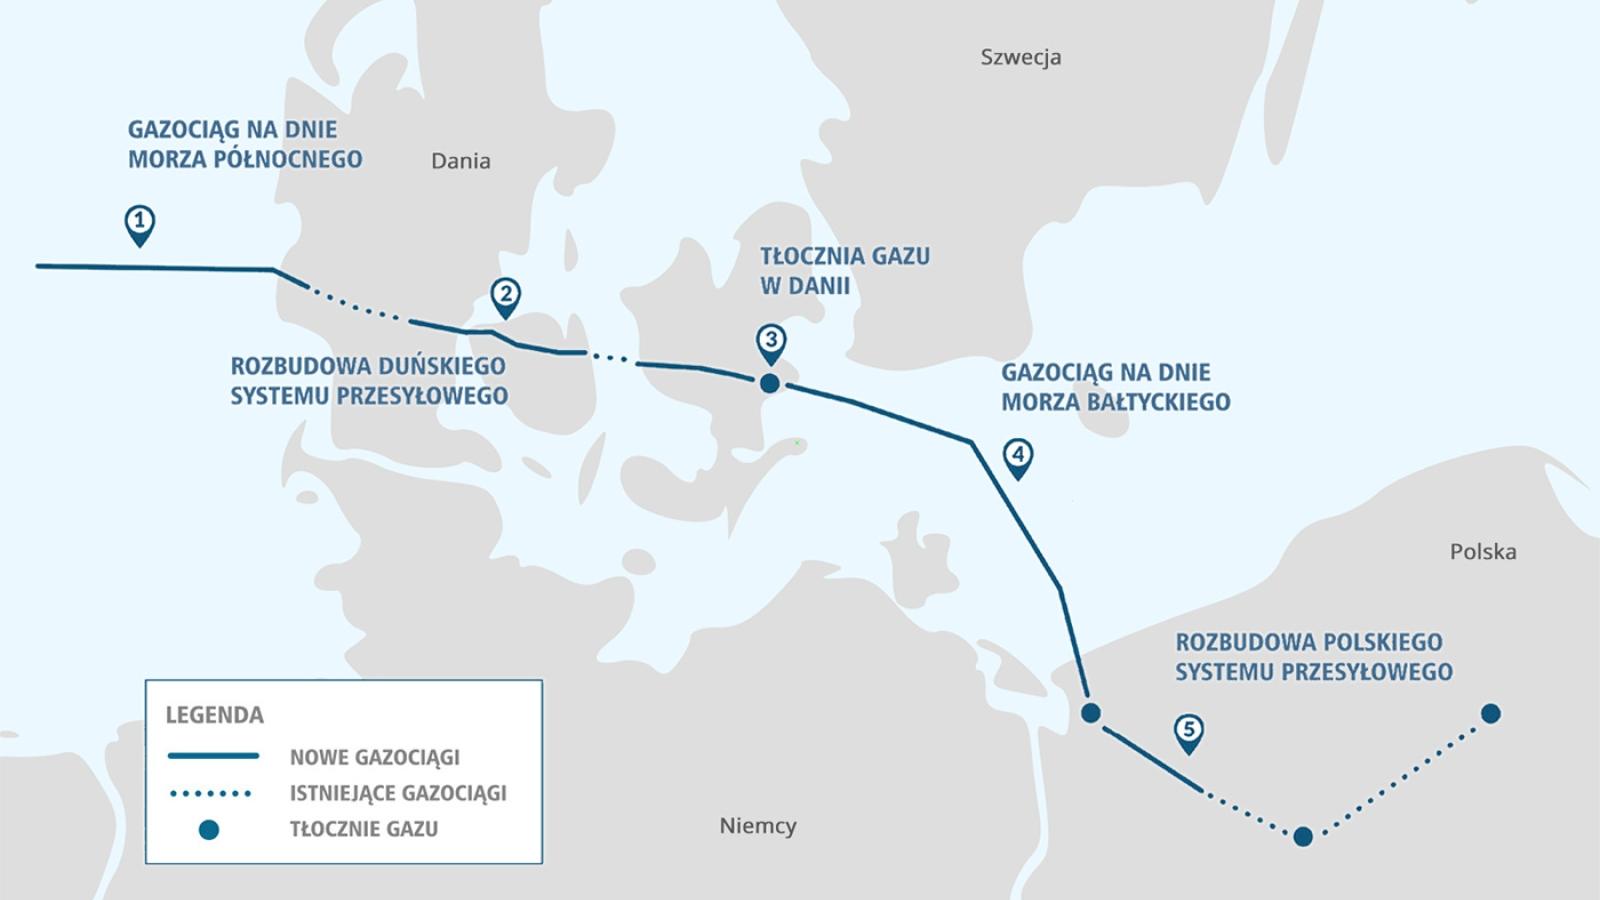 Norsk Gass Holder Trykket Oppe I Energiunionen Nei Til Eu